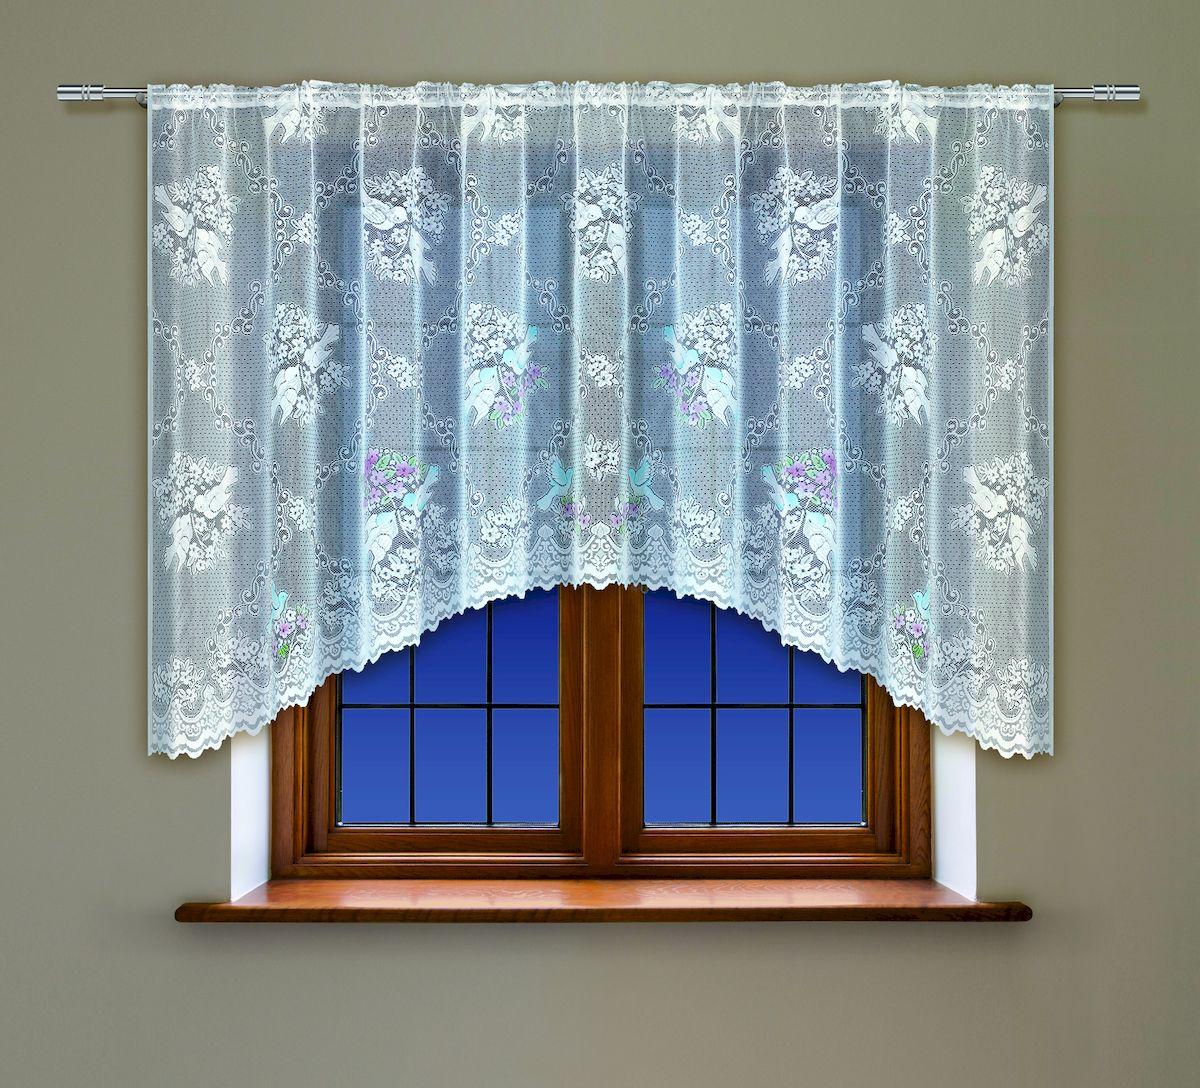 Гардина Haft, на кулиске, цвет: белый, высота 137 см. 222161222161/137Воздушная гардина Haft, выполненная из полиэстера, великолепно украсит любое окно. Изделие имеет оригинальный дизайн и органично впишется в интерьер помещения. Гардина крепится на карниз при помощи кулиски.